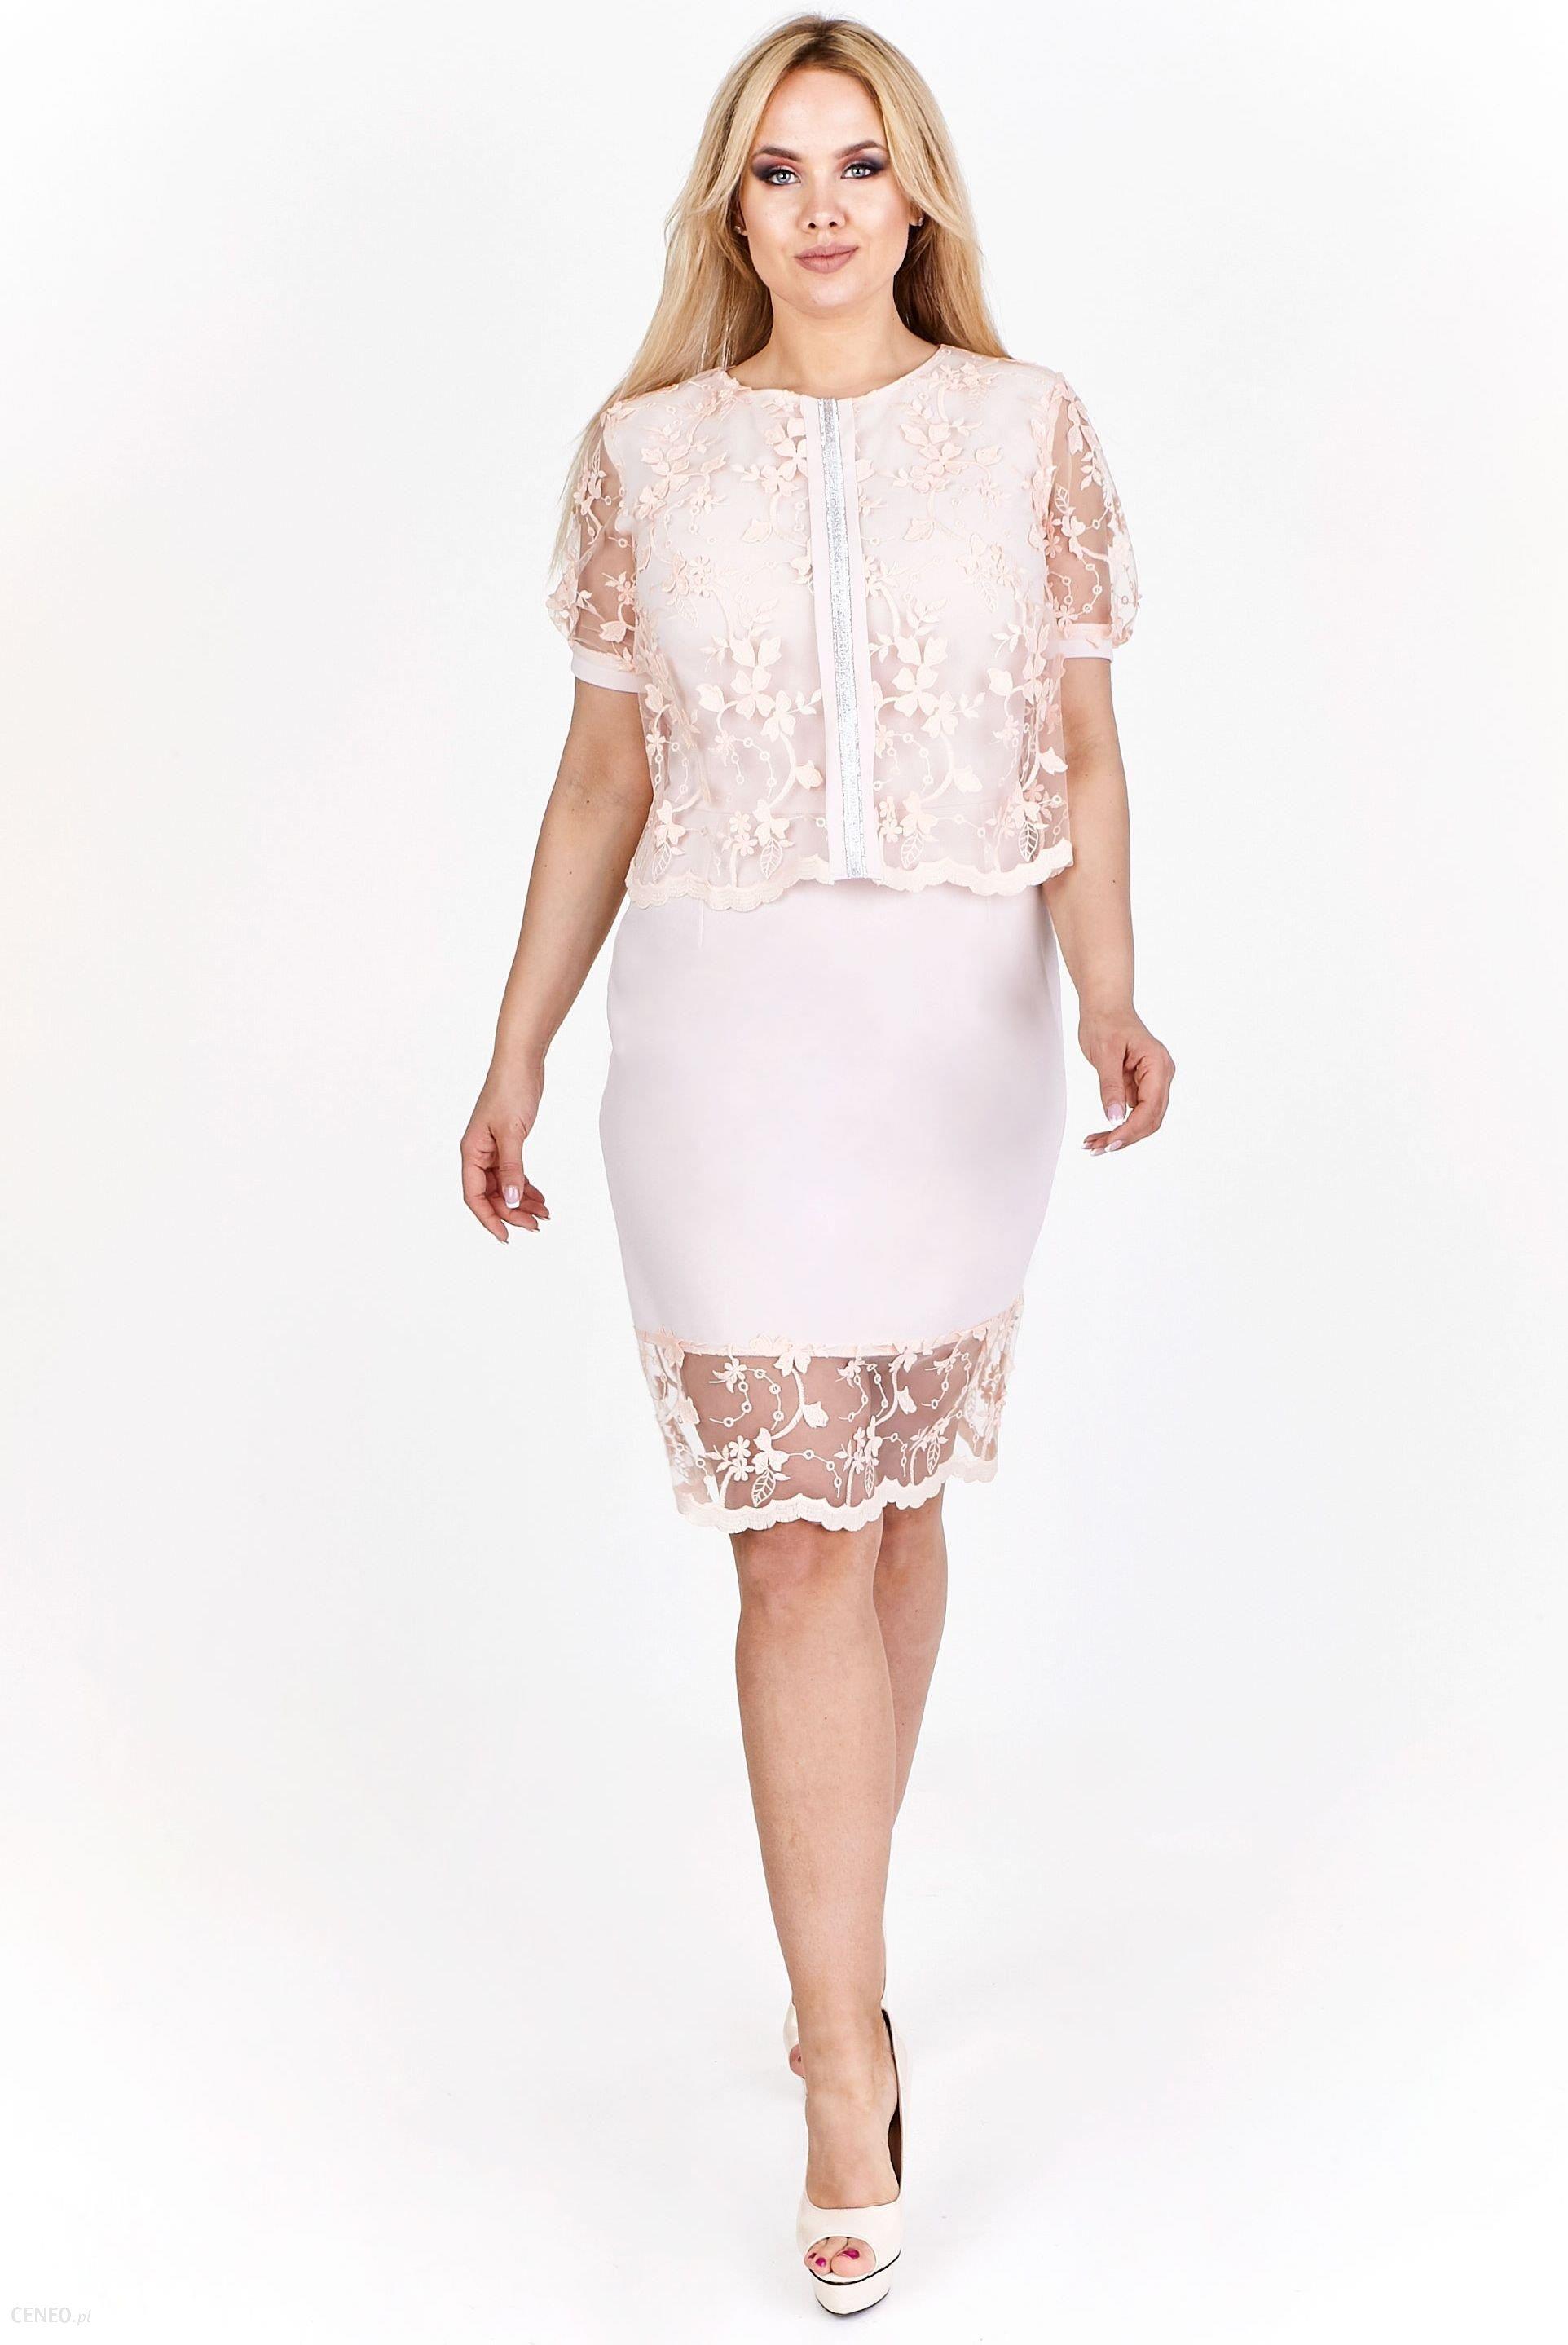 1c8cf9c2ee Ptak Moda Dwuwarstwowa sukienka z koronkową narzutką M55257 różowa r. 48 -  zdjęcie 1